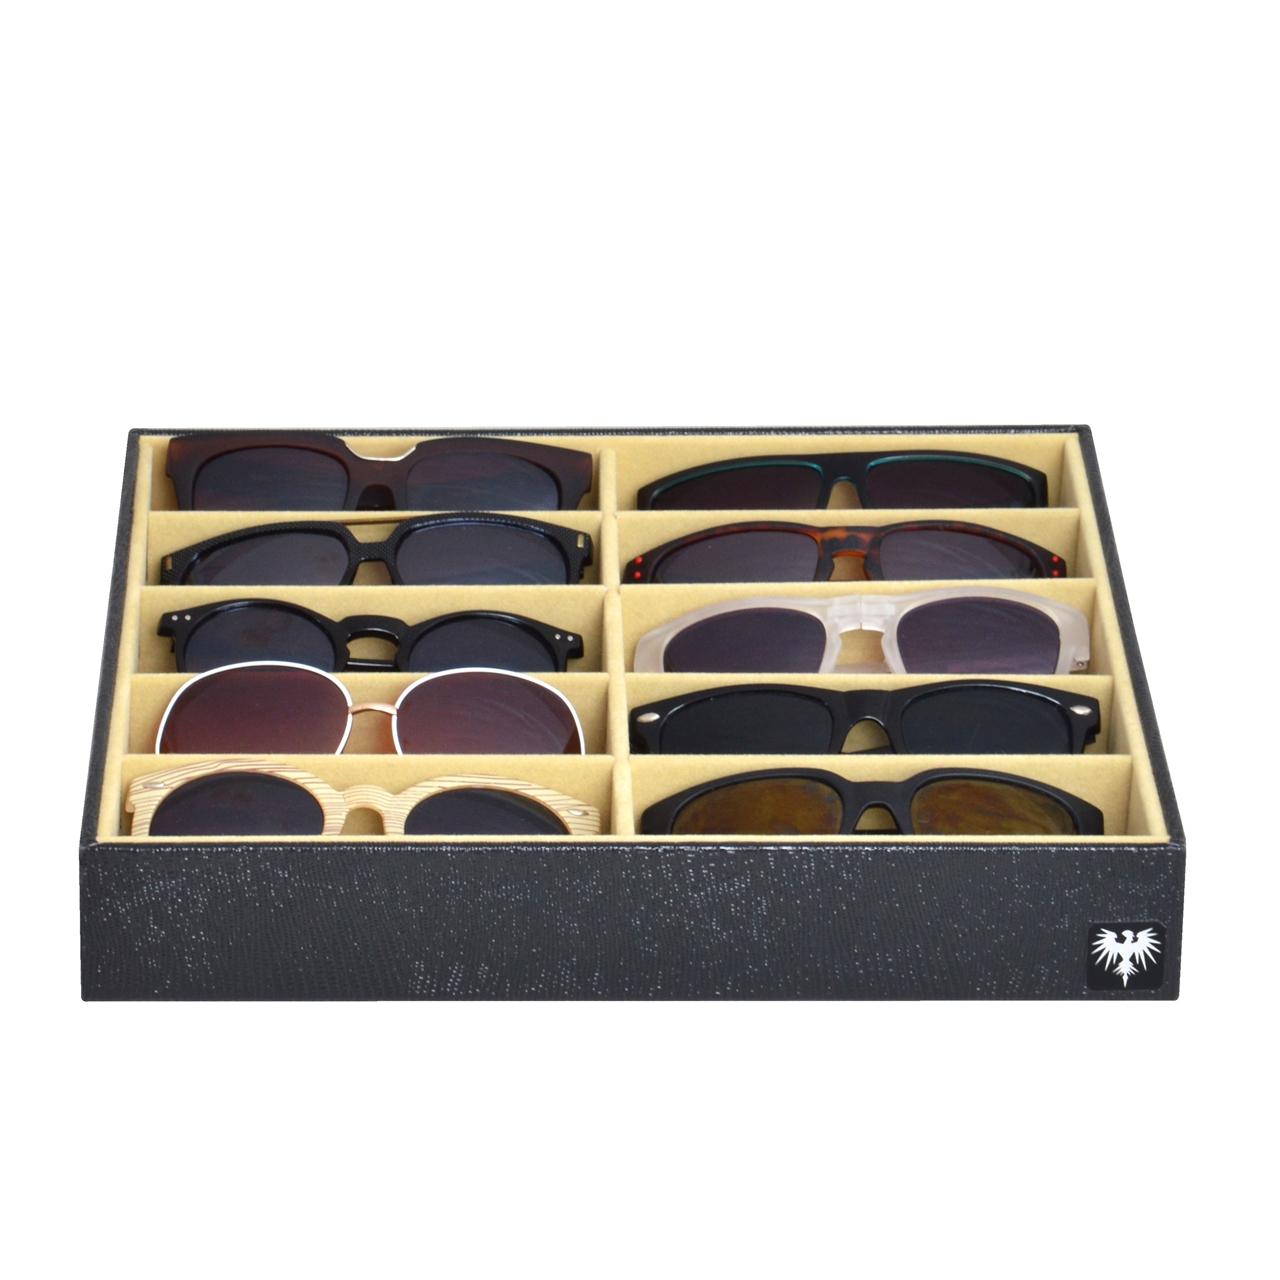 bandeja-couro-ecologico-10-oculos-preto-bege-grande-closet-imagem-1.jpg